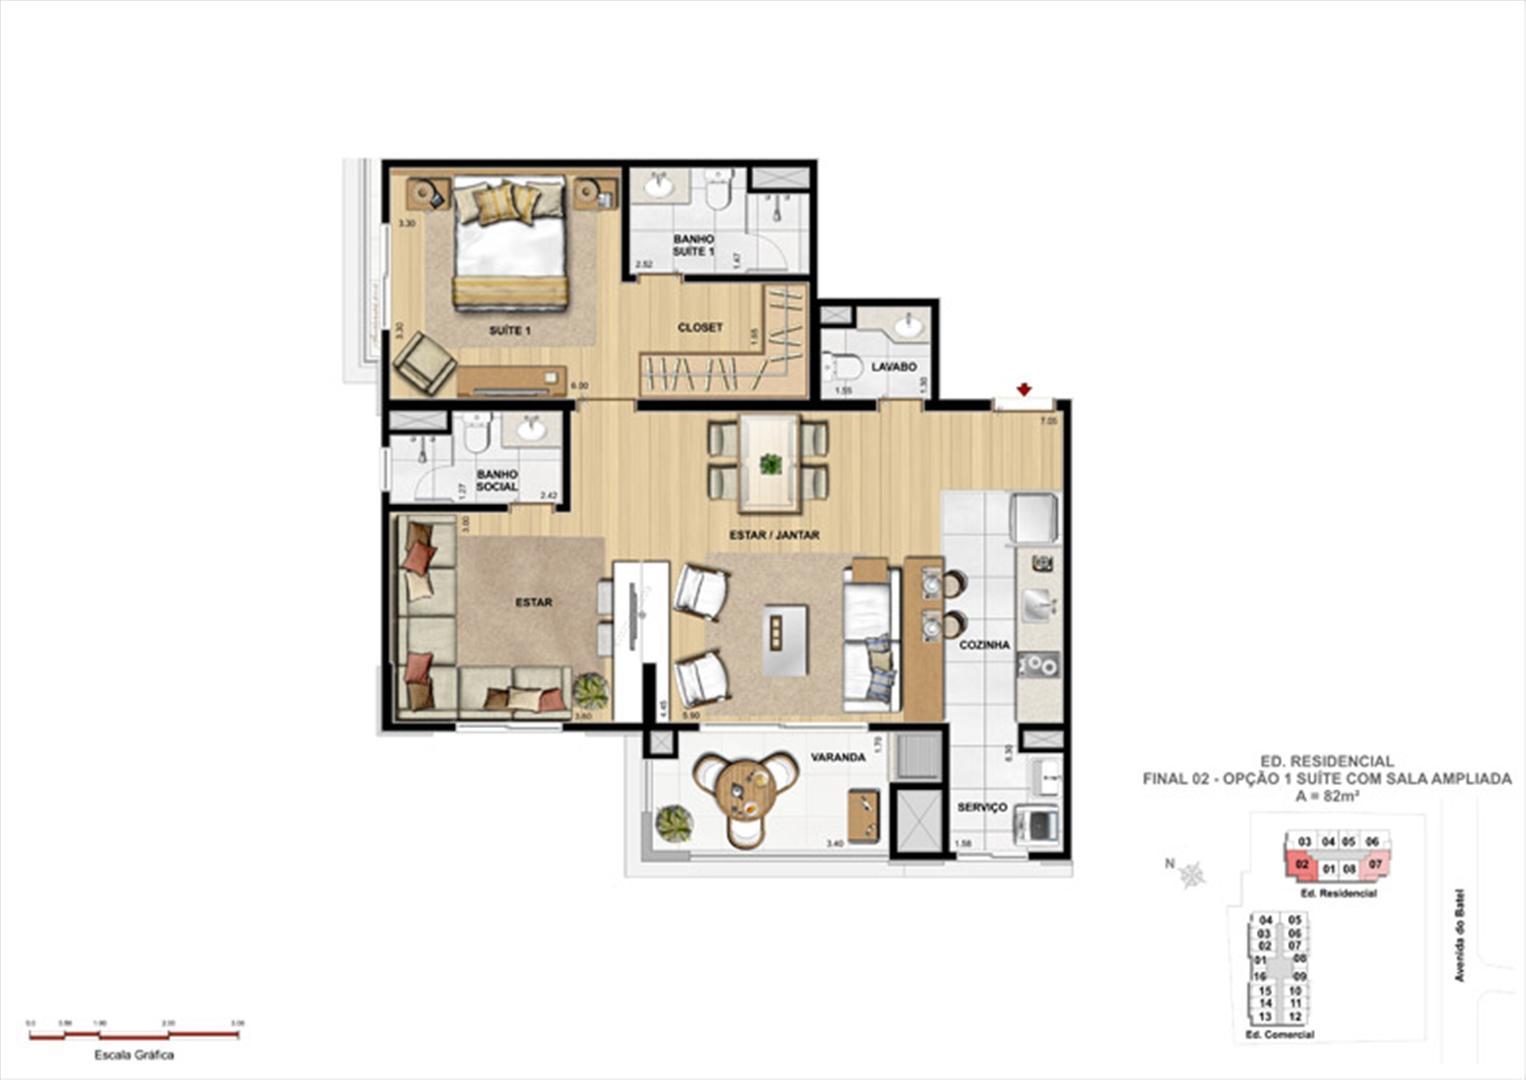 Apartamentos 2 Suítes | 1550 Batel (Home Batel) – Apartamentono  Batel - Curitiba - Paraná